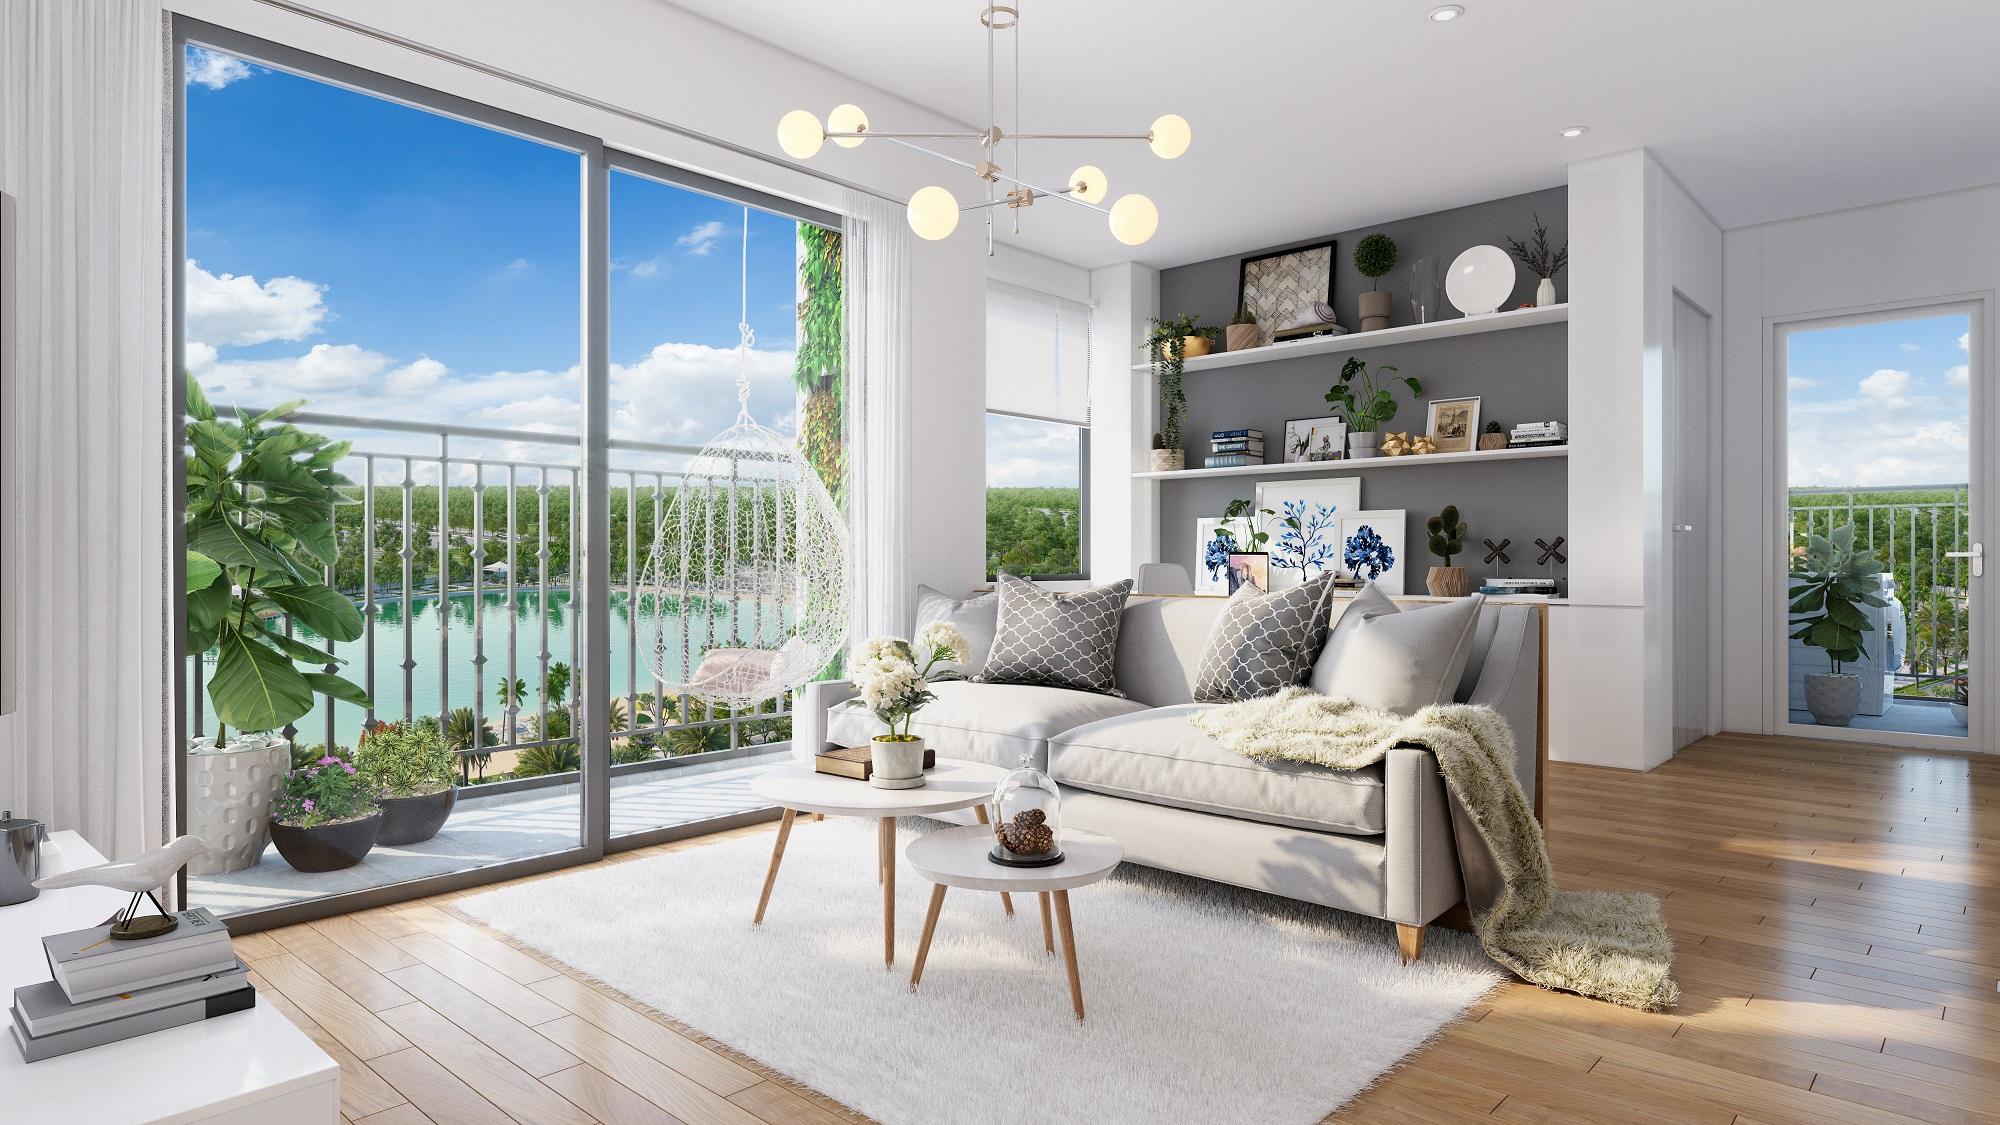 Các căn hộ chung cư thiết kế hiện đại, linh hoạt phù hợp với đa dạng nhu cầu khách hàng